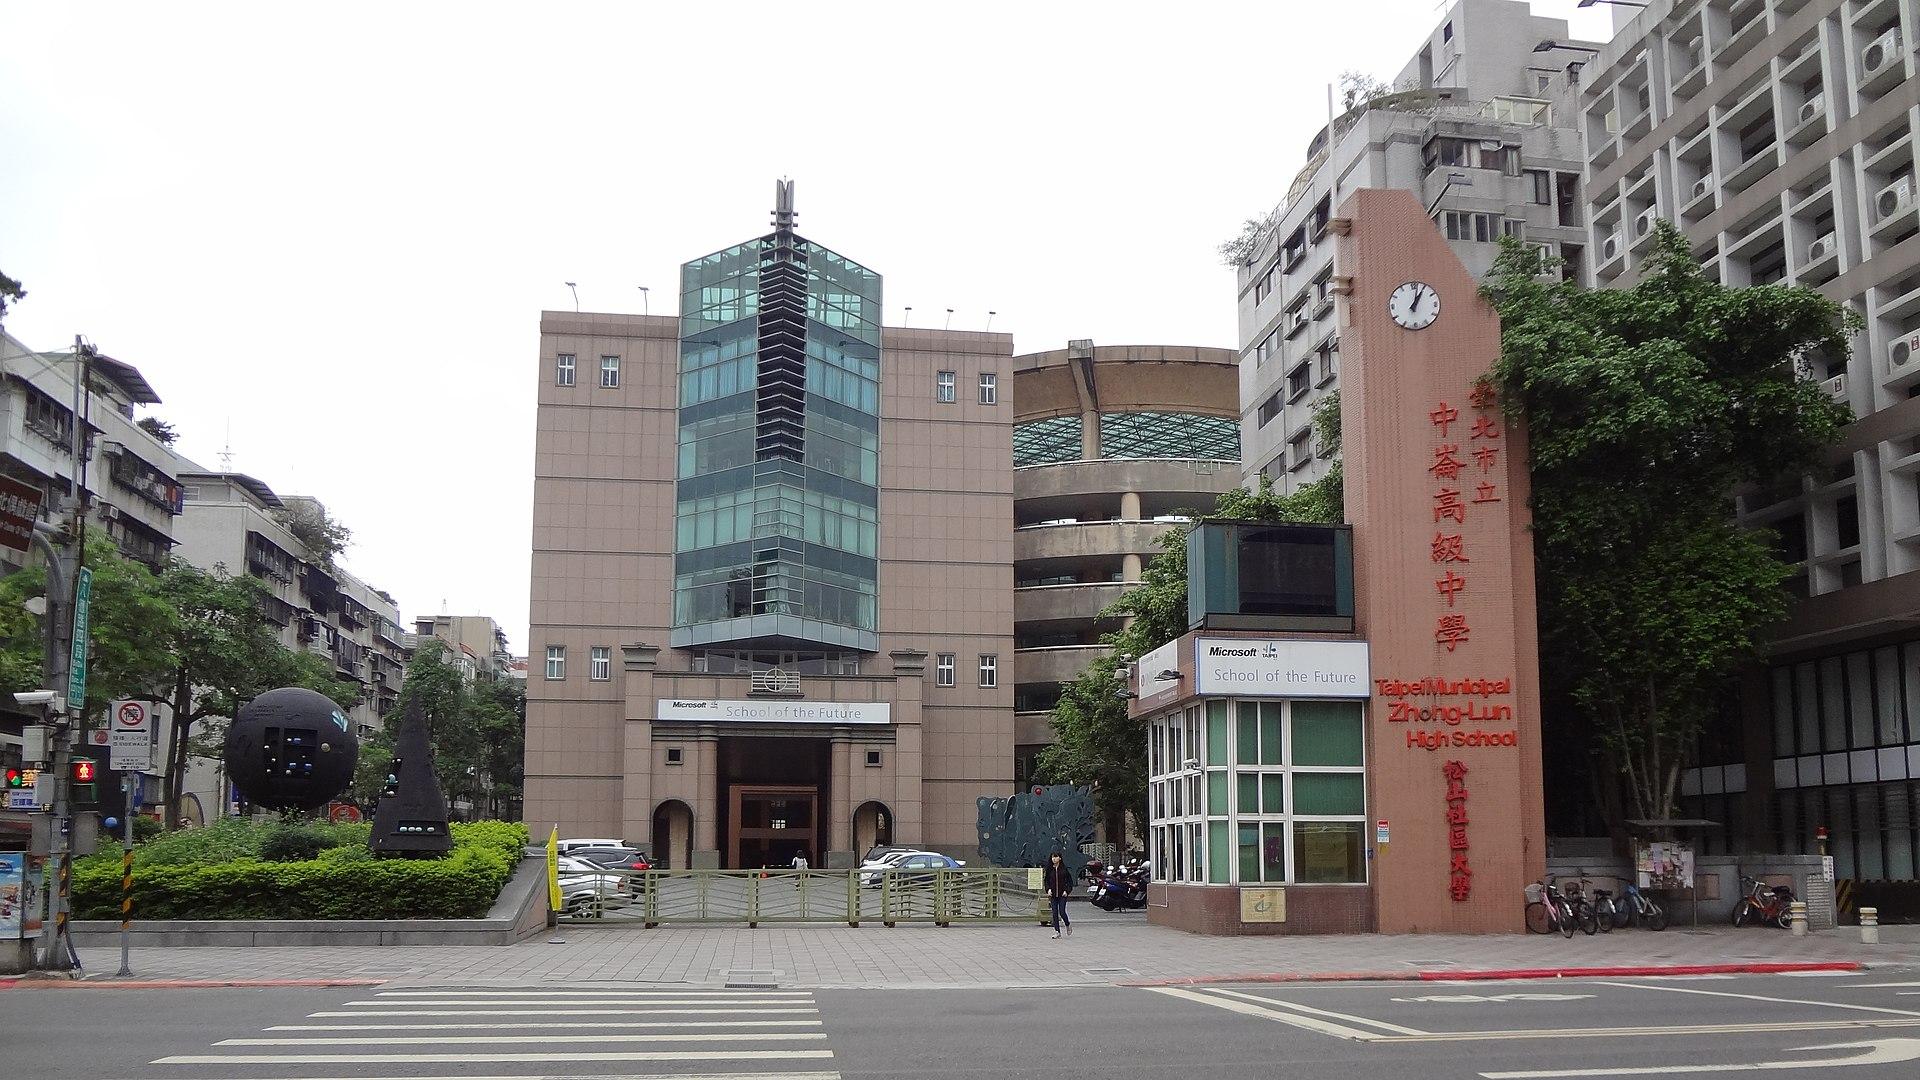 臺北市立中崙高級中學 - 維基百科,自由的百科全書